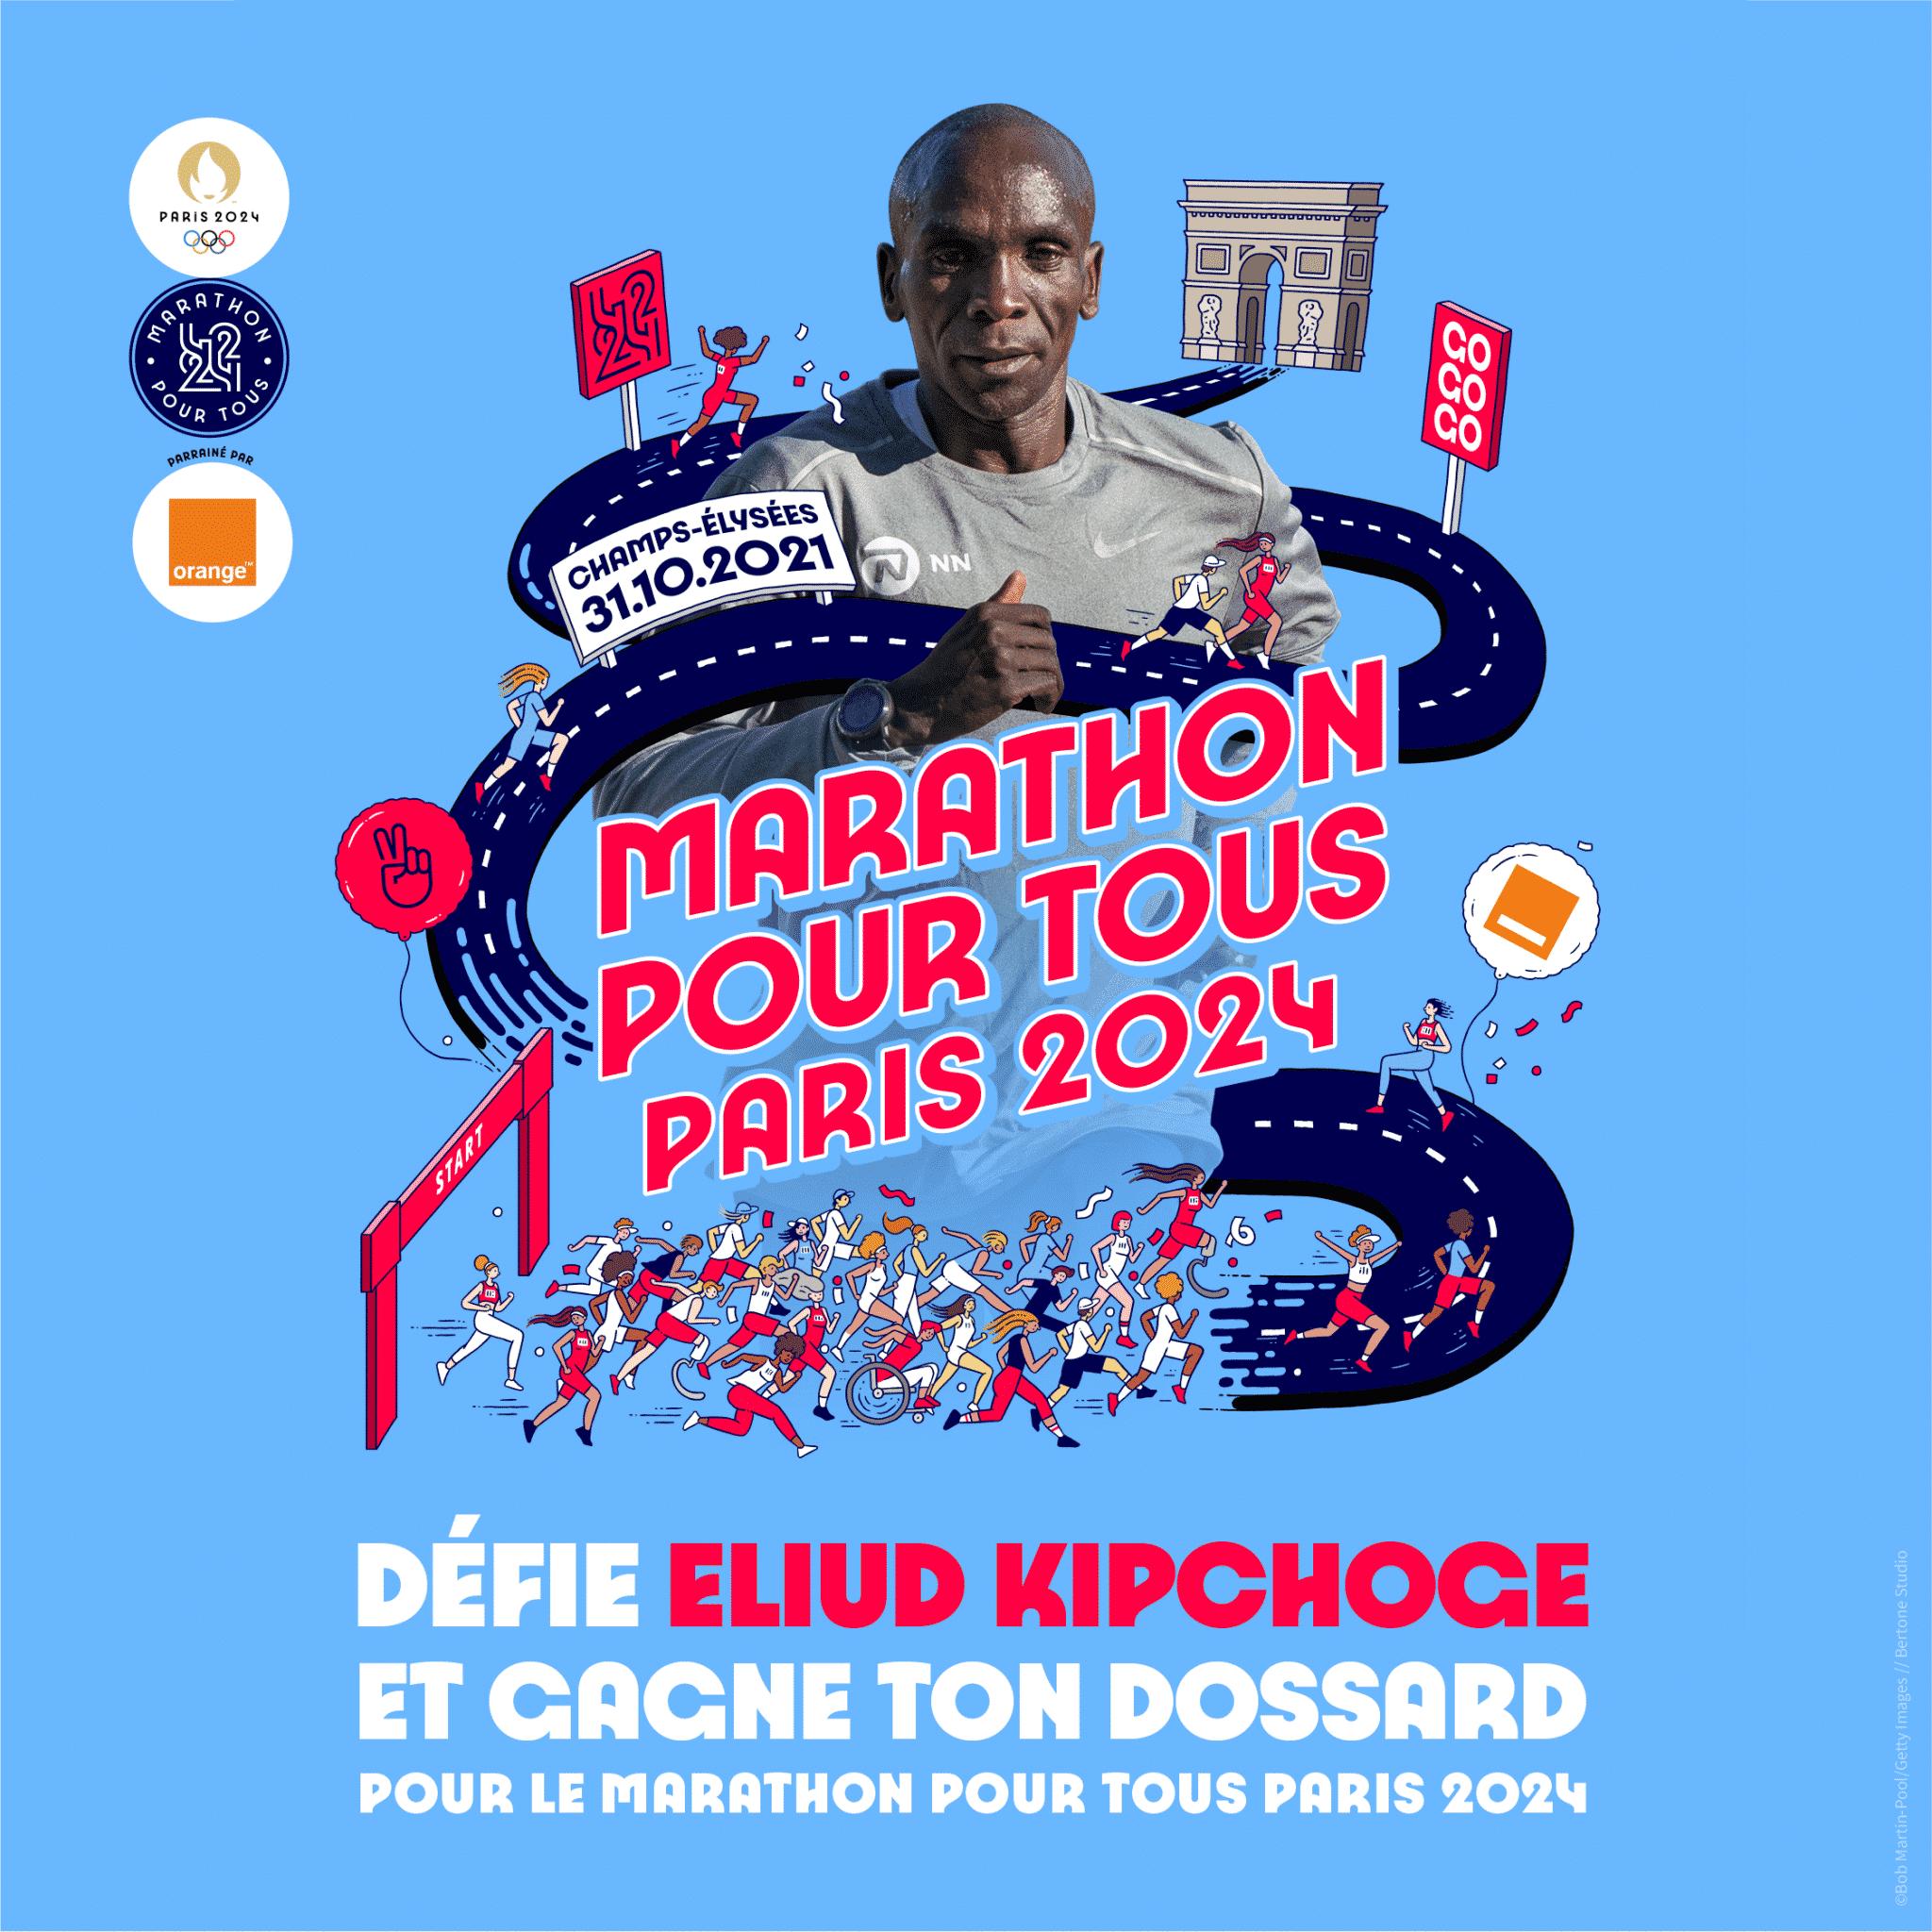 Une course poursuite contre Kipchoge pour gagner son dossard du Marathon pour tous des JO 2024